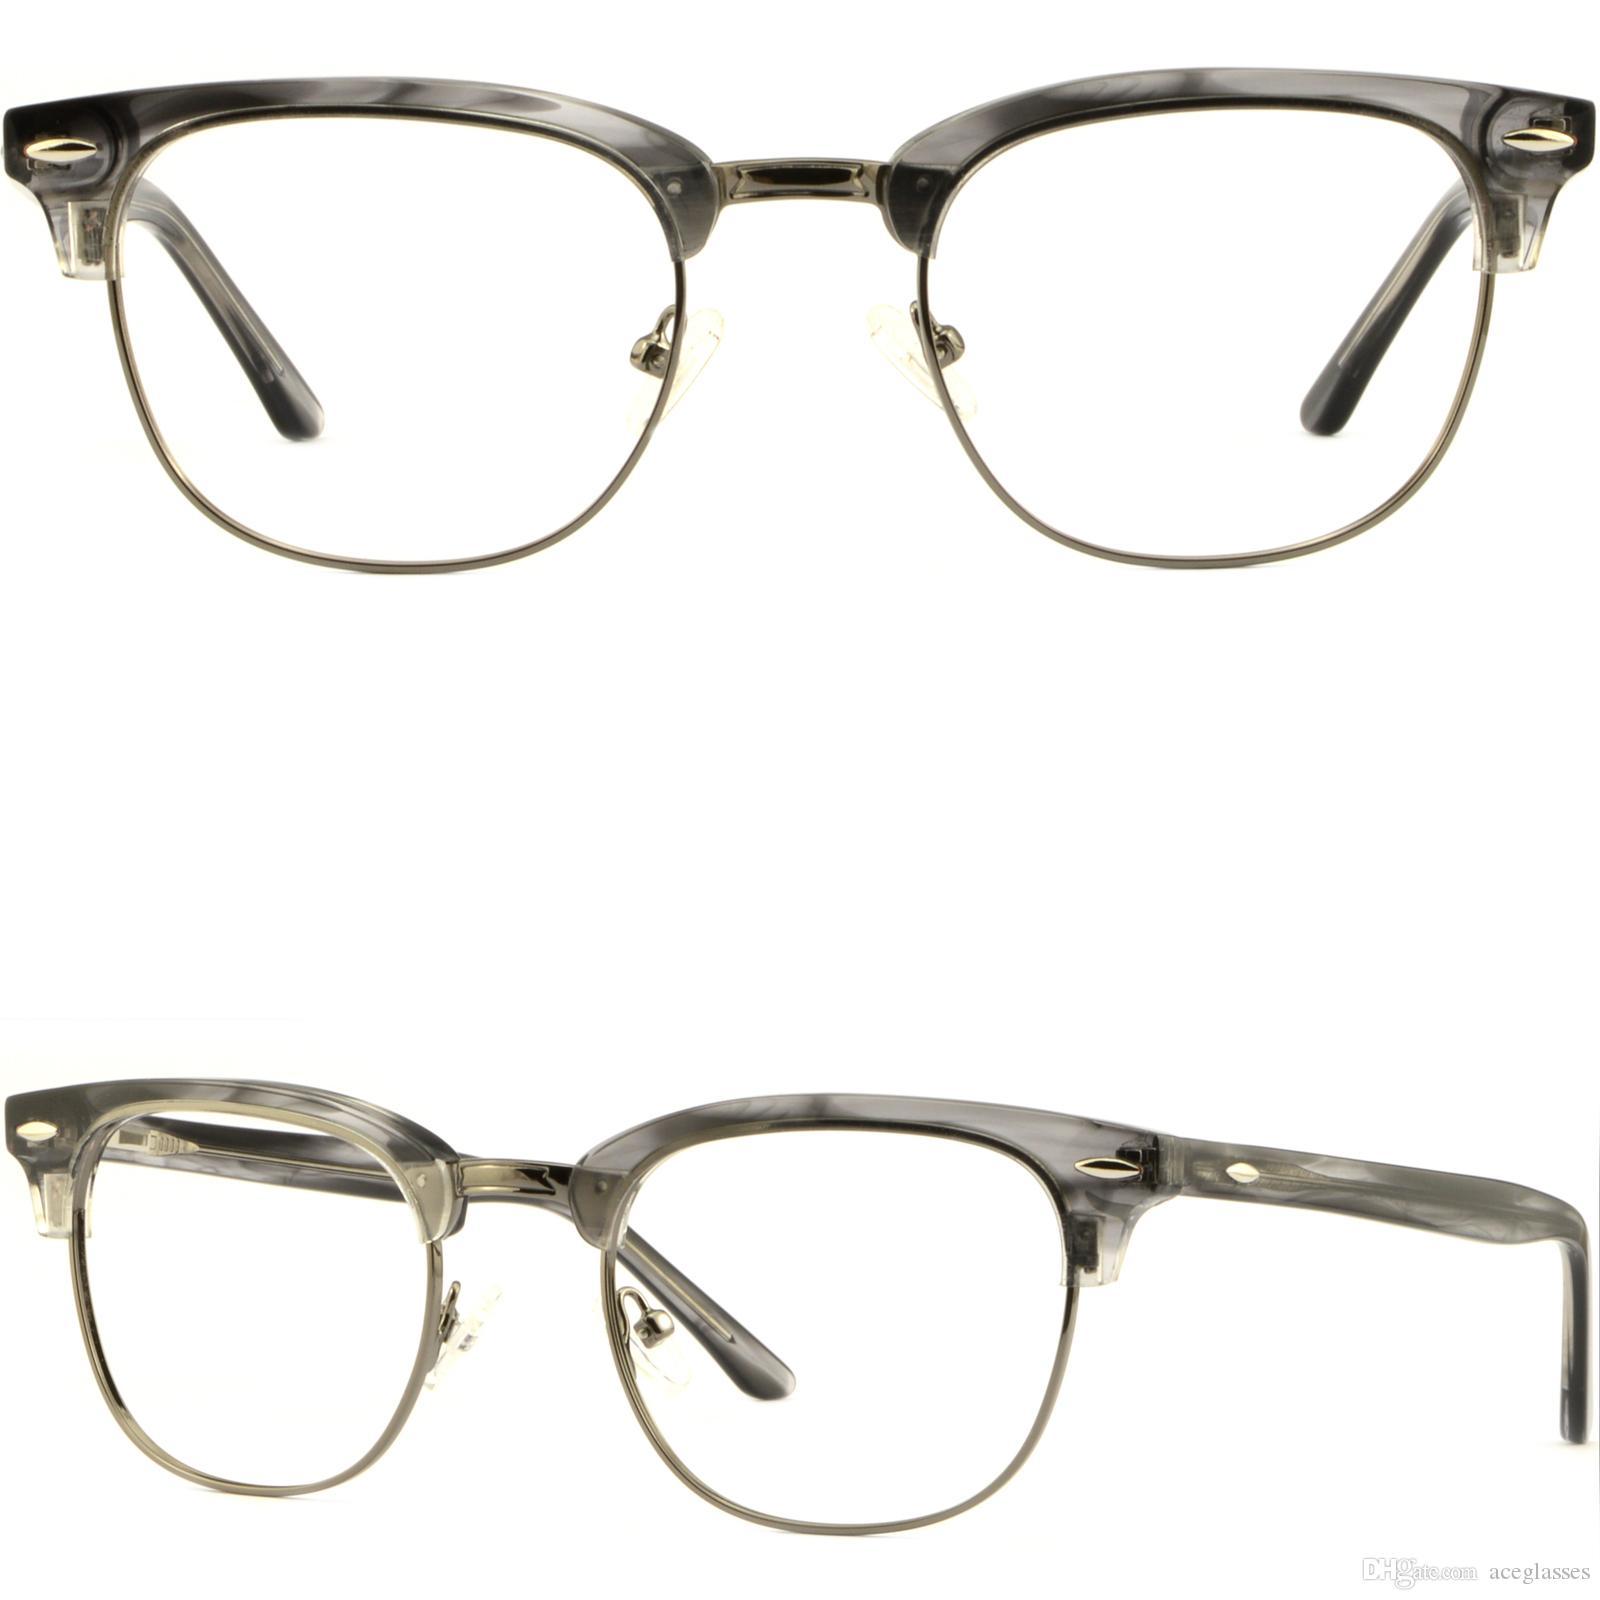 see larger image - Wide Eyeglass Frames